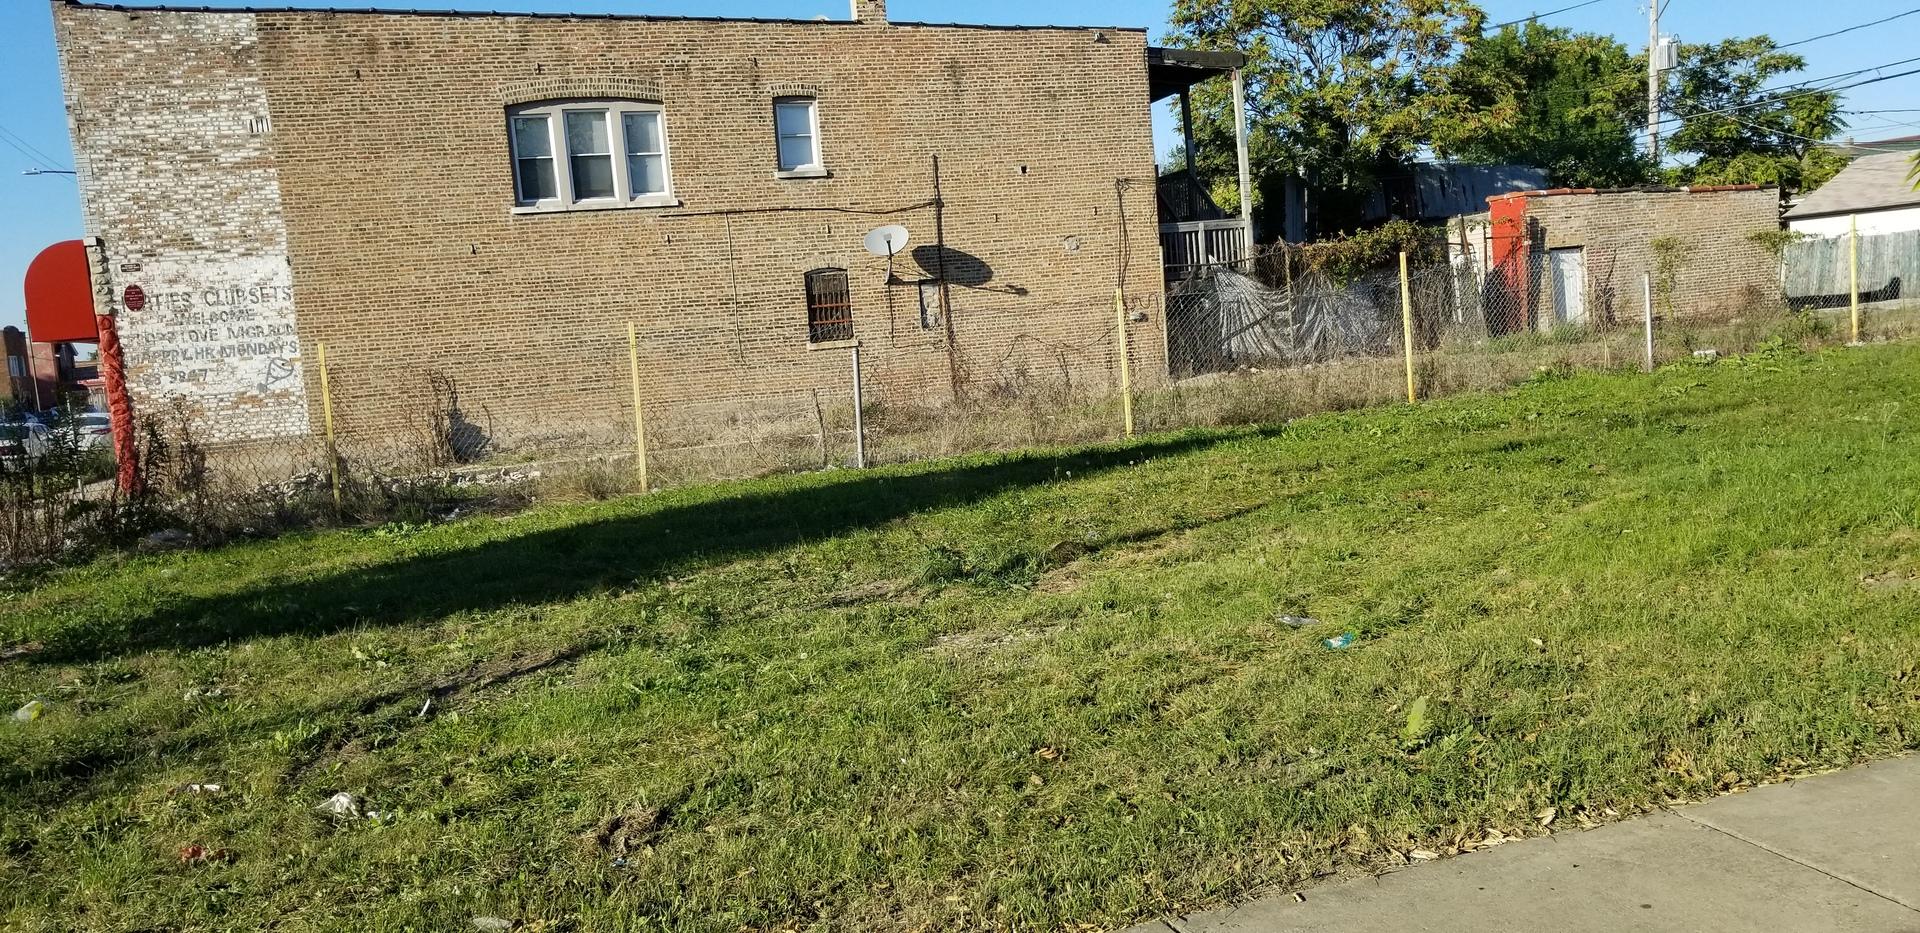 7251 Ashland ,Chicago, Illinois 60636